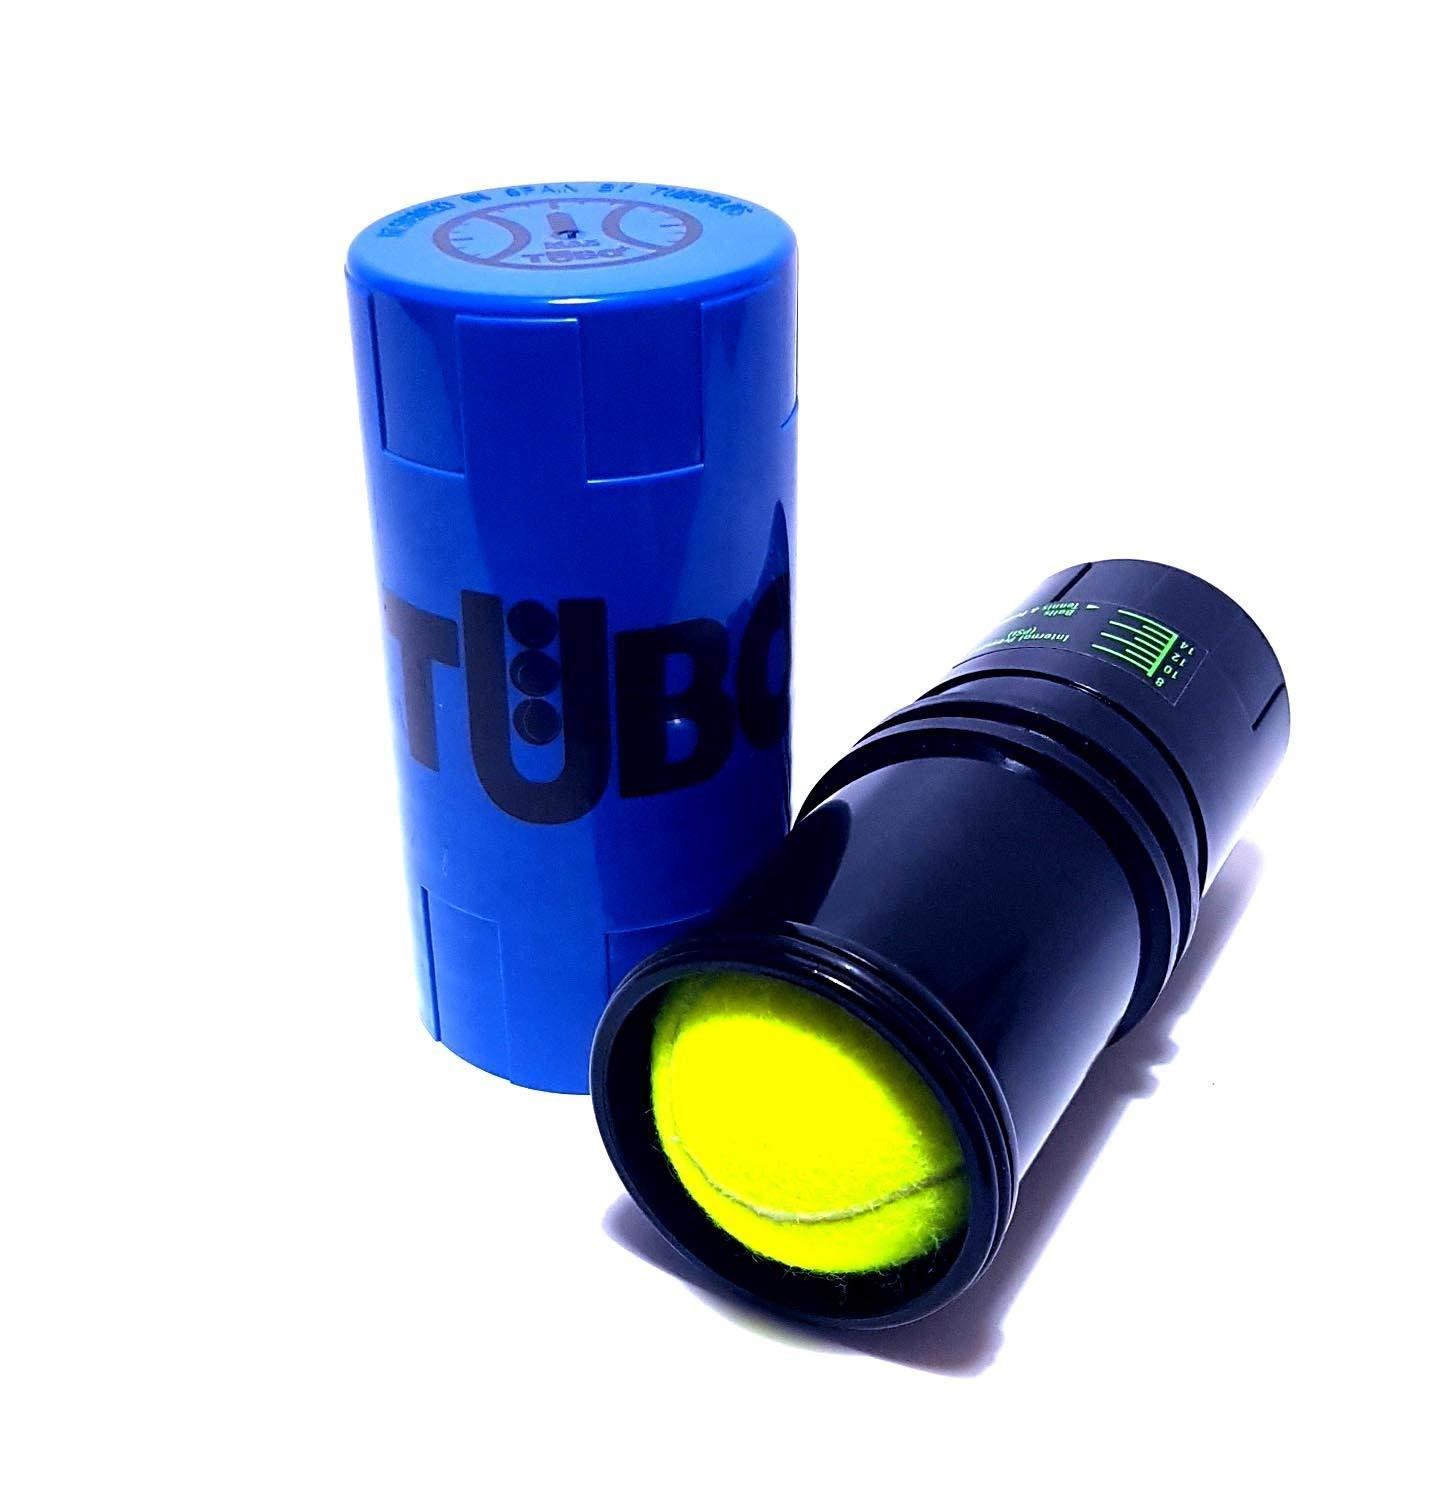 TUBOPLUS - Tubo presurizador Pelotas de Tenis/pádel: Amazon ...